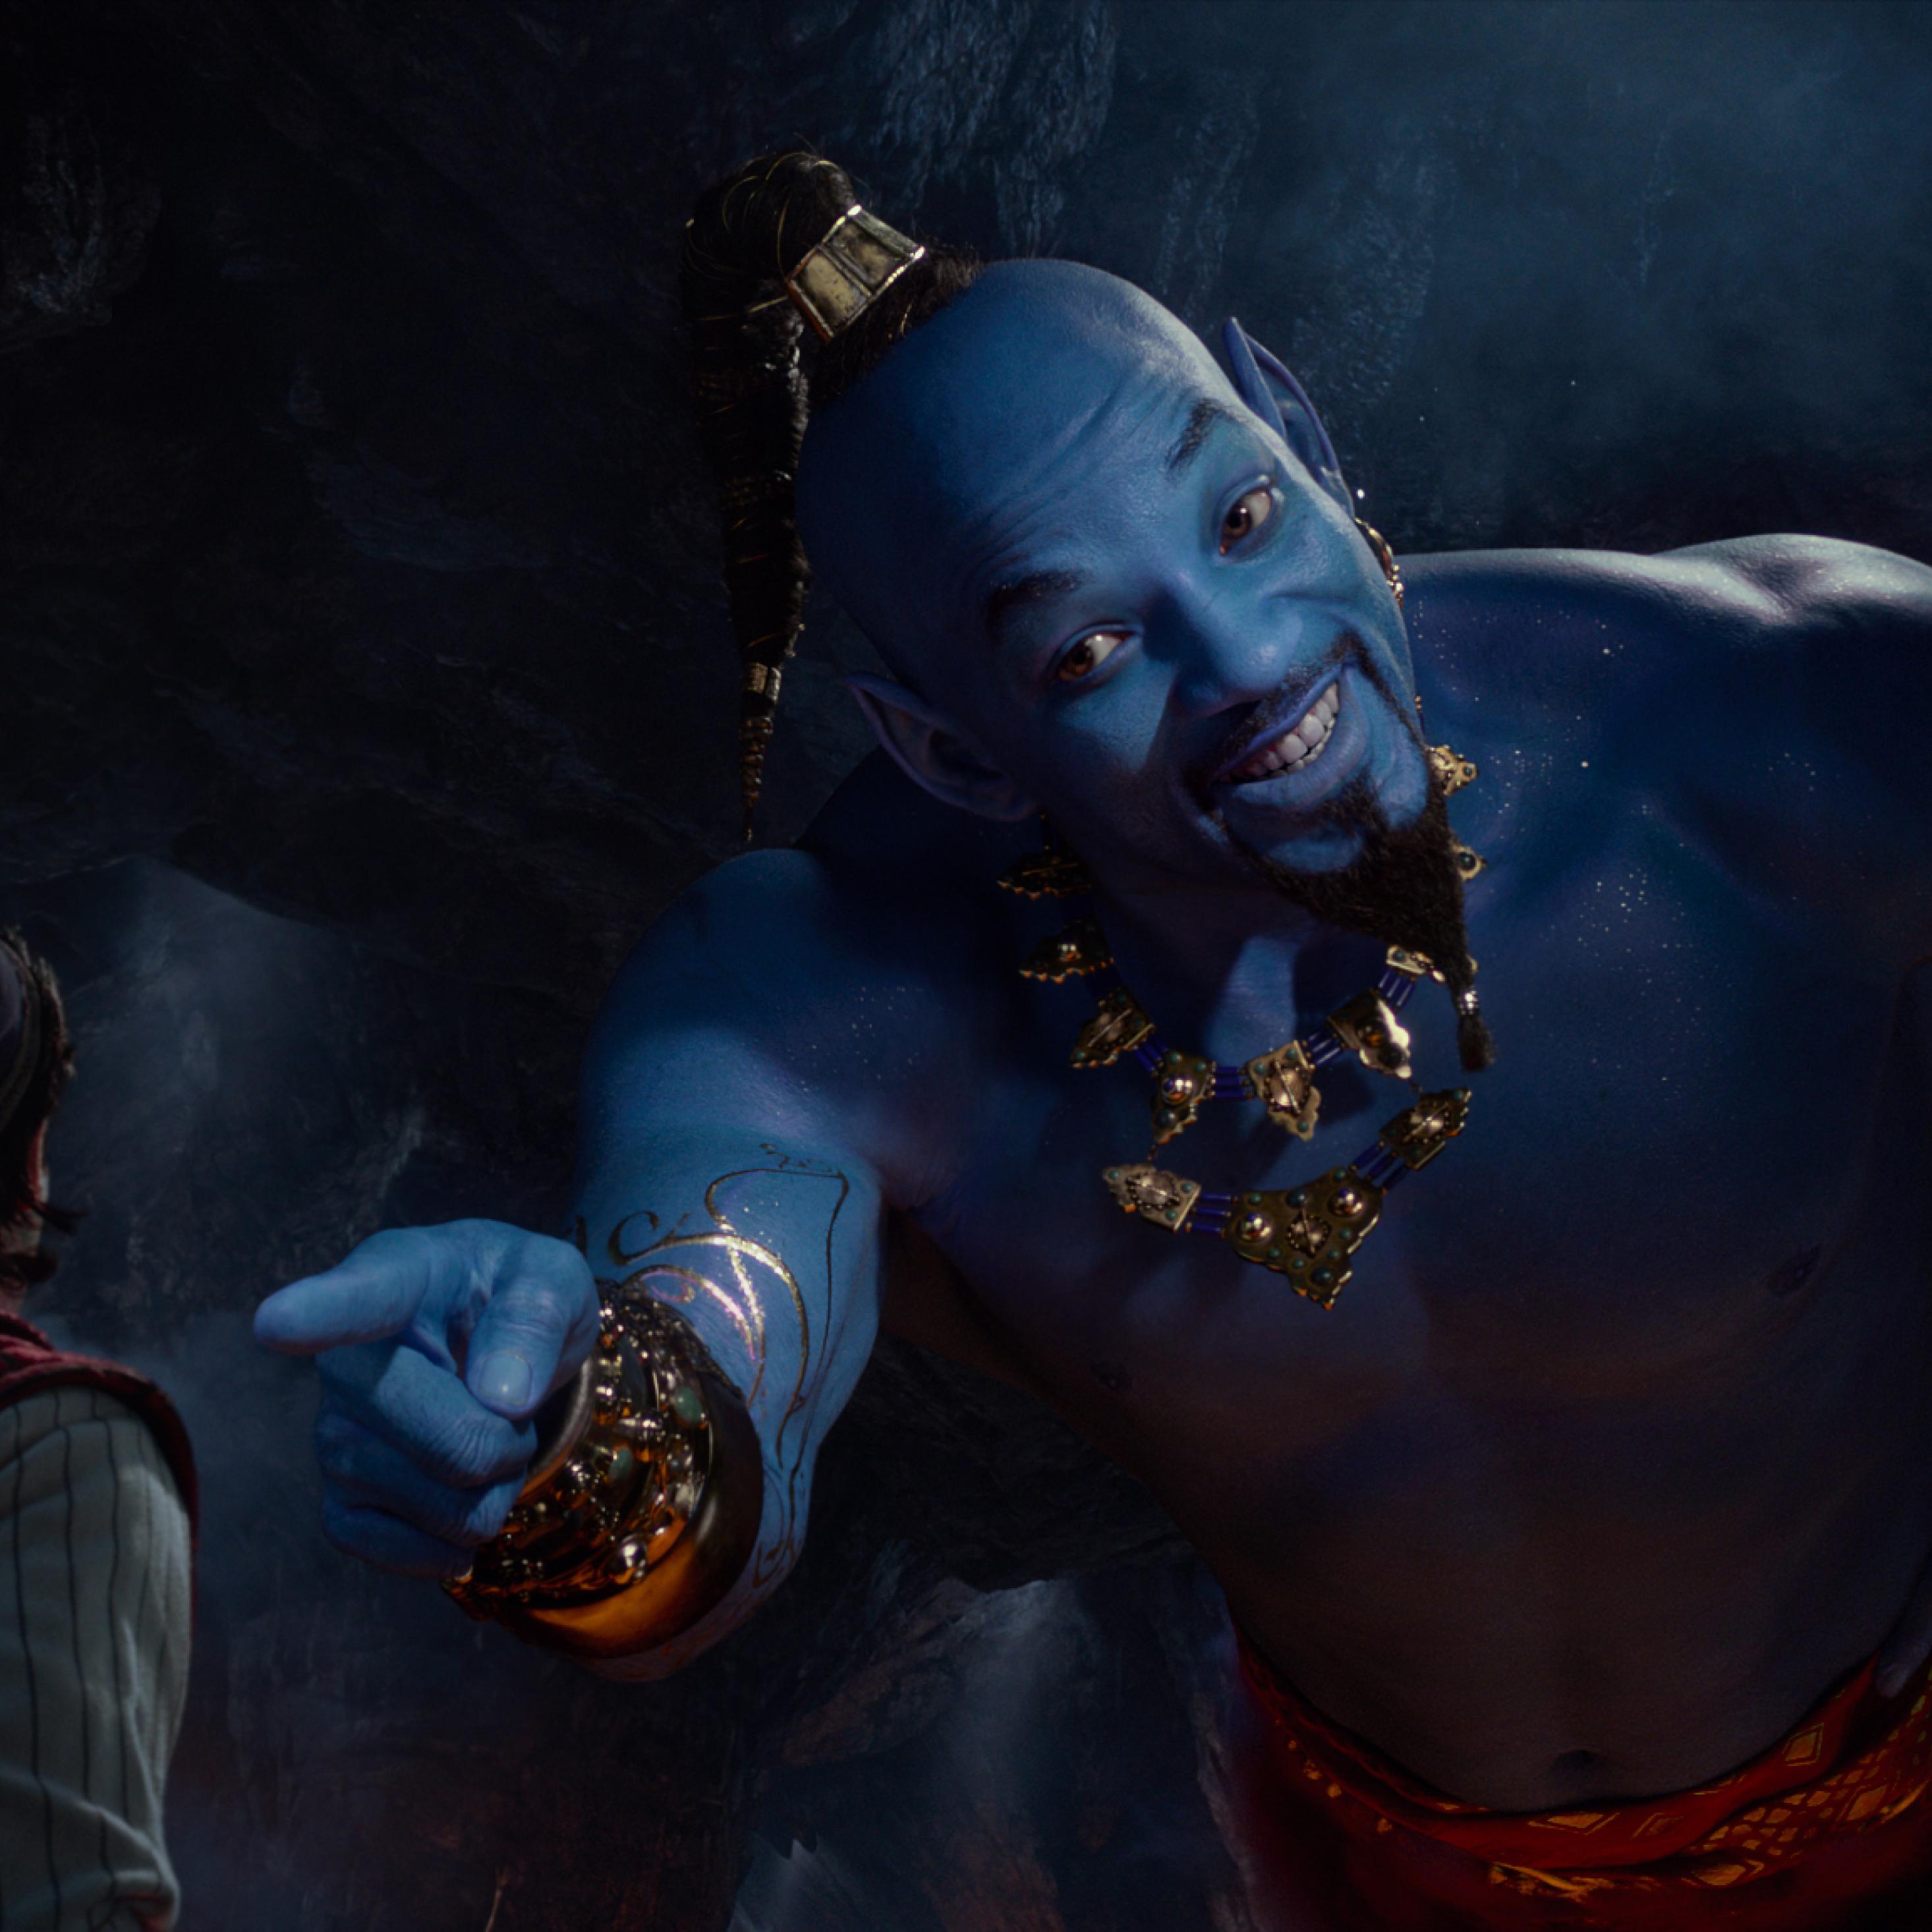 2932x2932 Will Smith as Genie In Aladdin Movie 2019 Ipad Pro 2932x2932